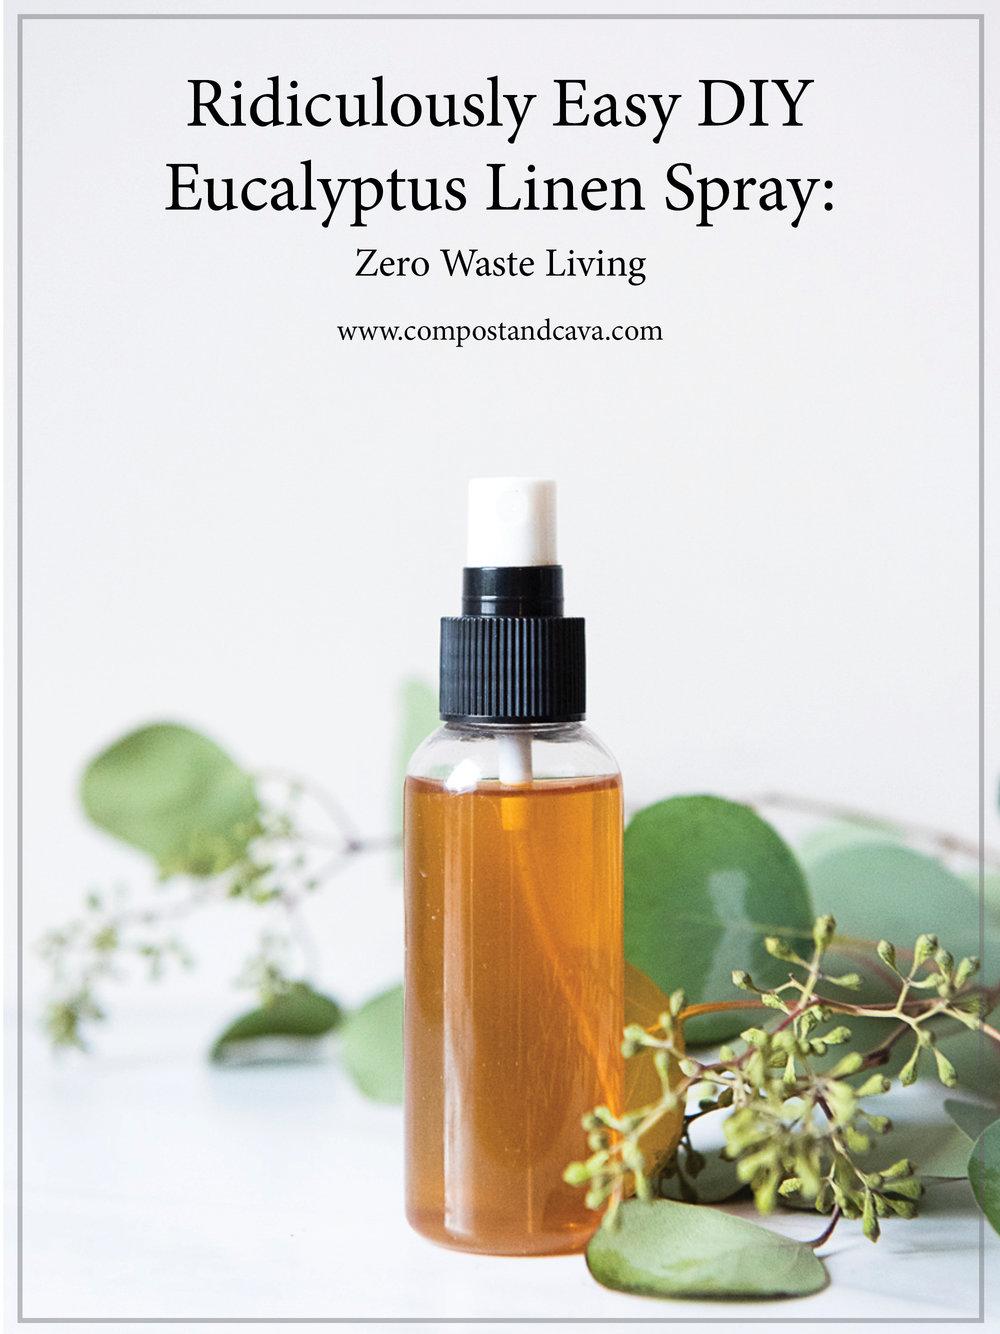 Ridiculously Easy DIY Eucalyptus Linen Spray